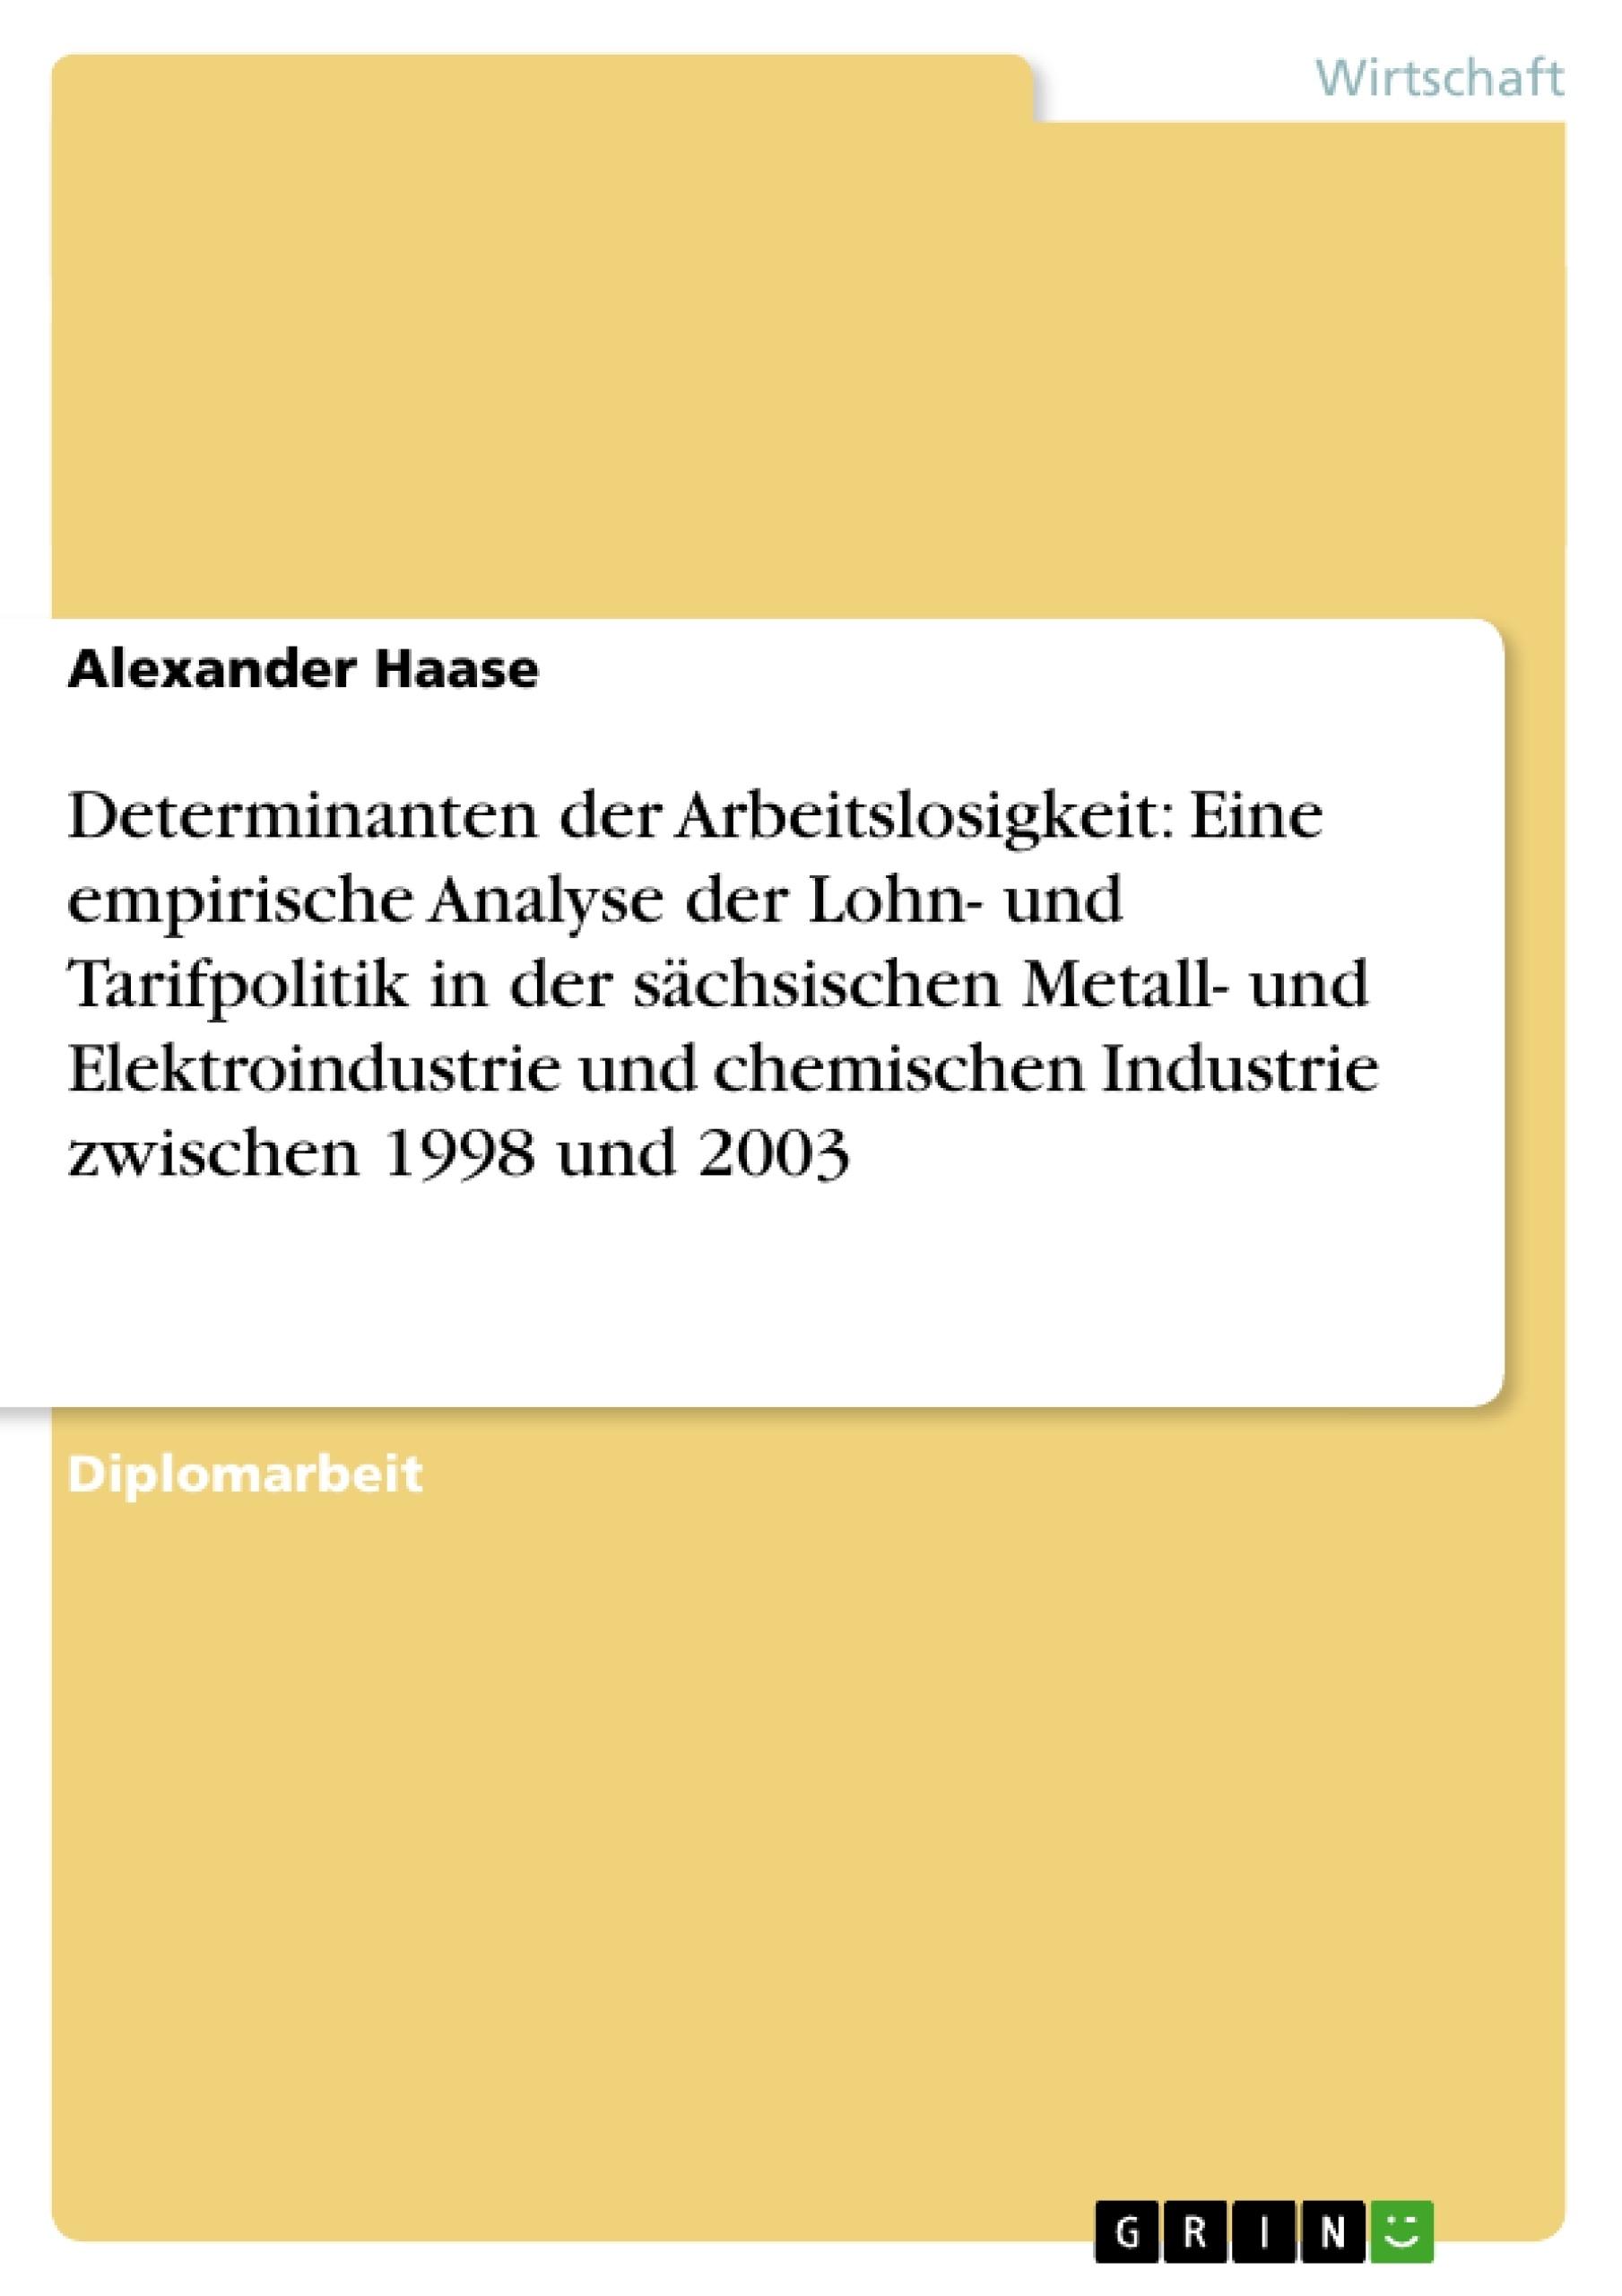 Titel: Determinanten der Arbeitslosigkeit: Eine empirische Analyse der Lohn- und Tarifpolitik in der sächsischen Metall- und Elektroindustrie und chemischen Industrie zwischen 1998 und 2003